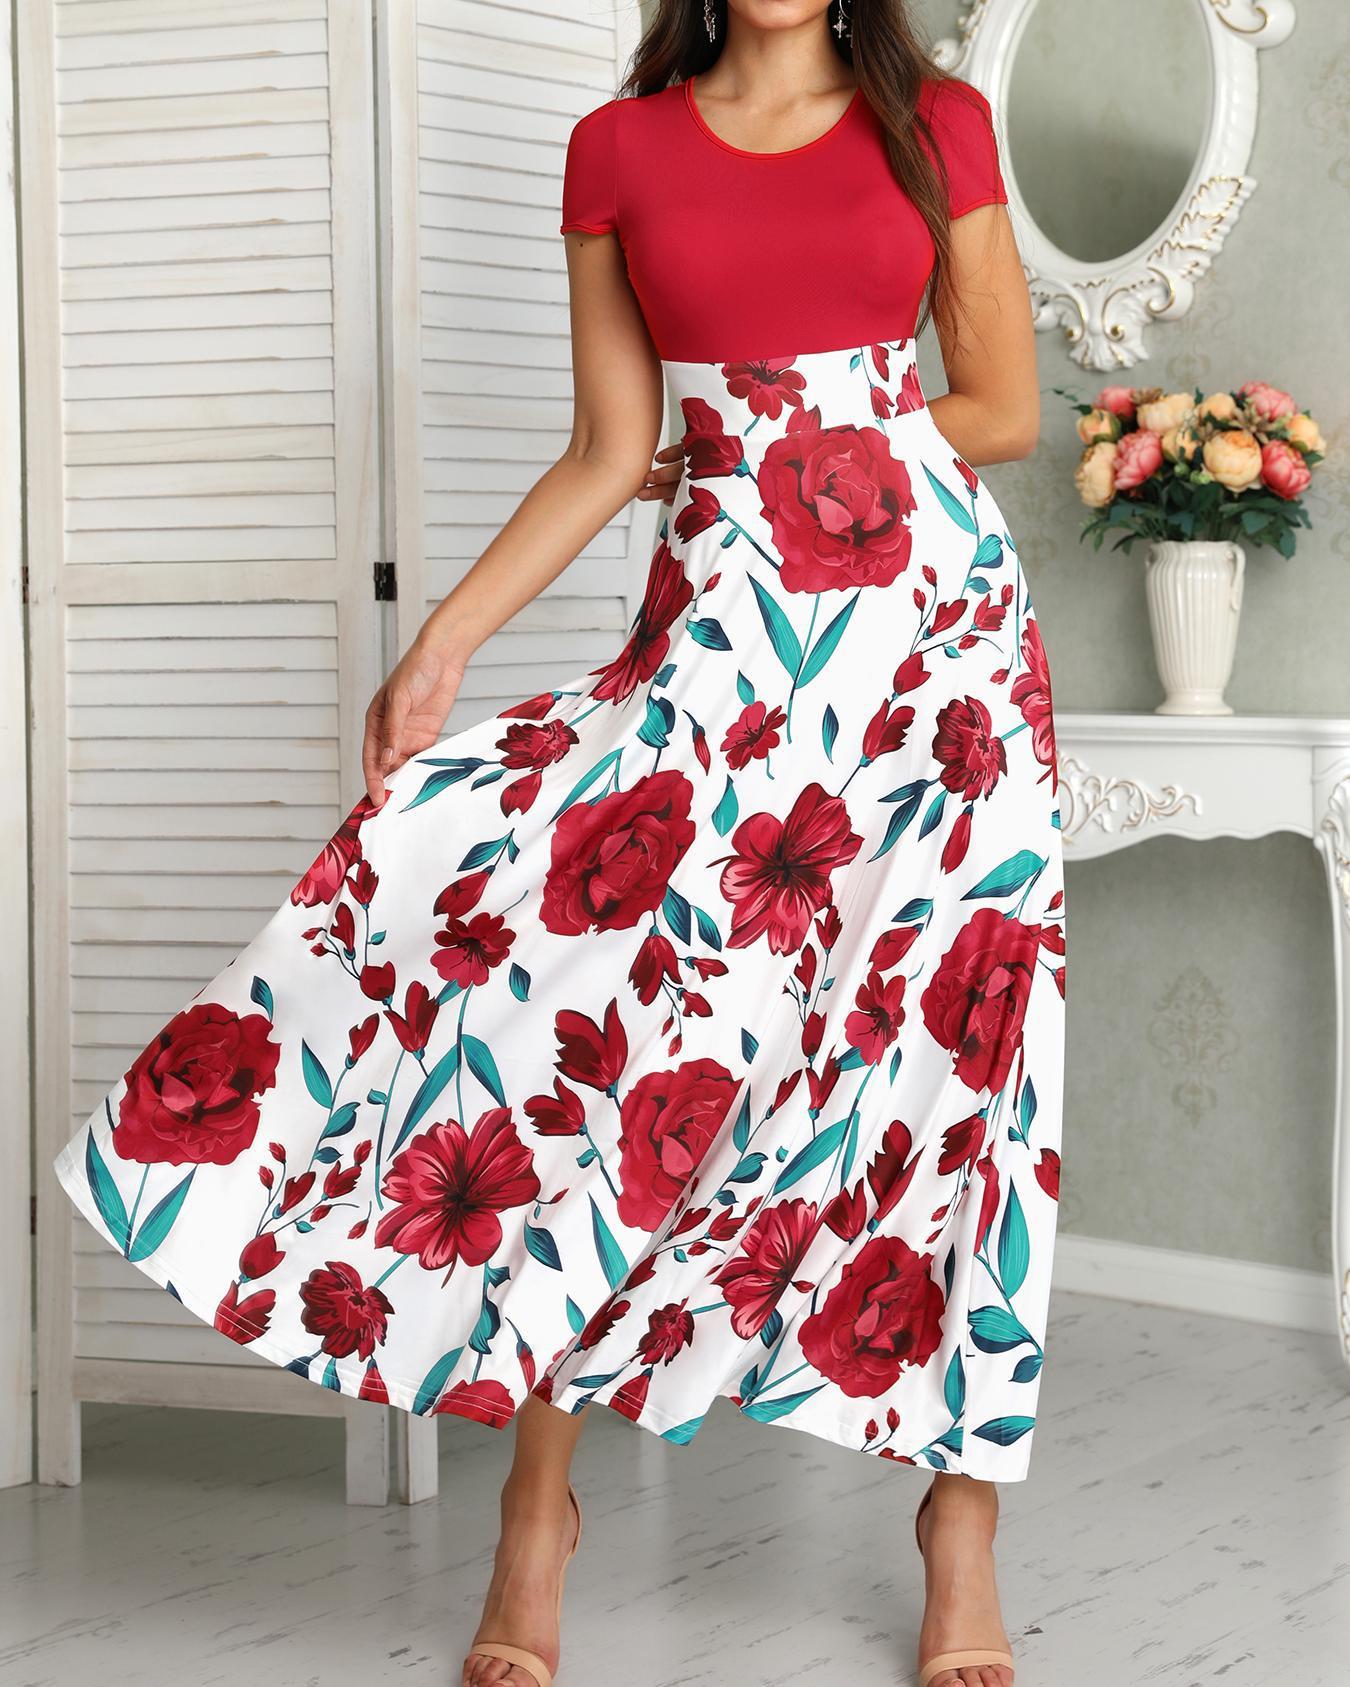 boutiquefeel / Vestido largo estampado floral de manga corta